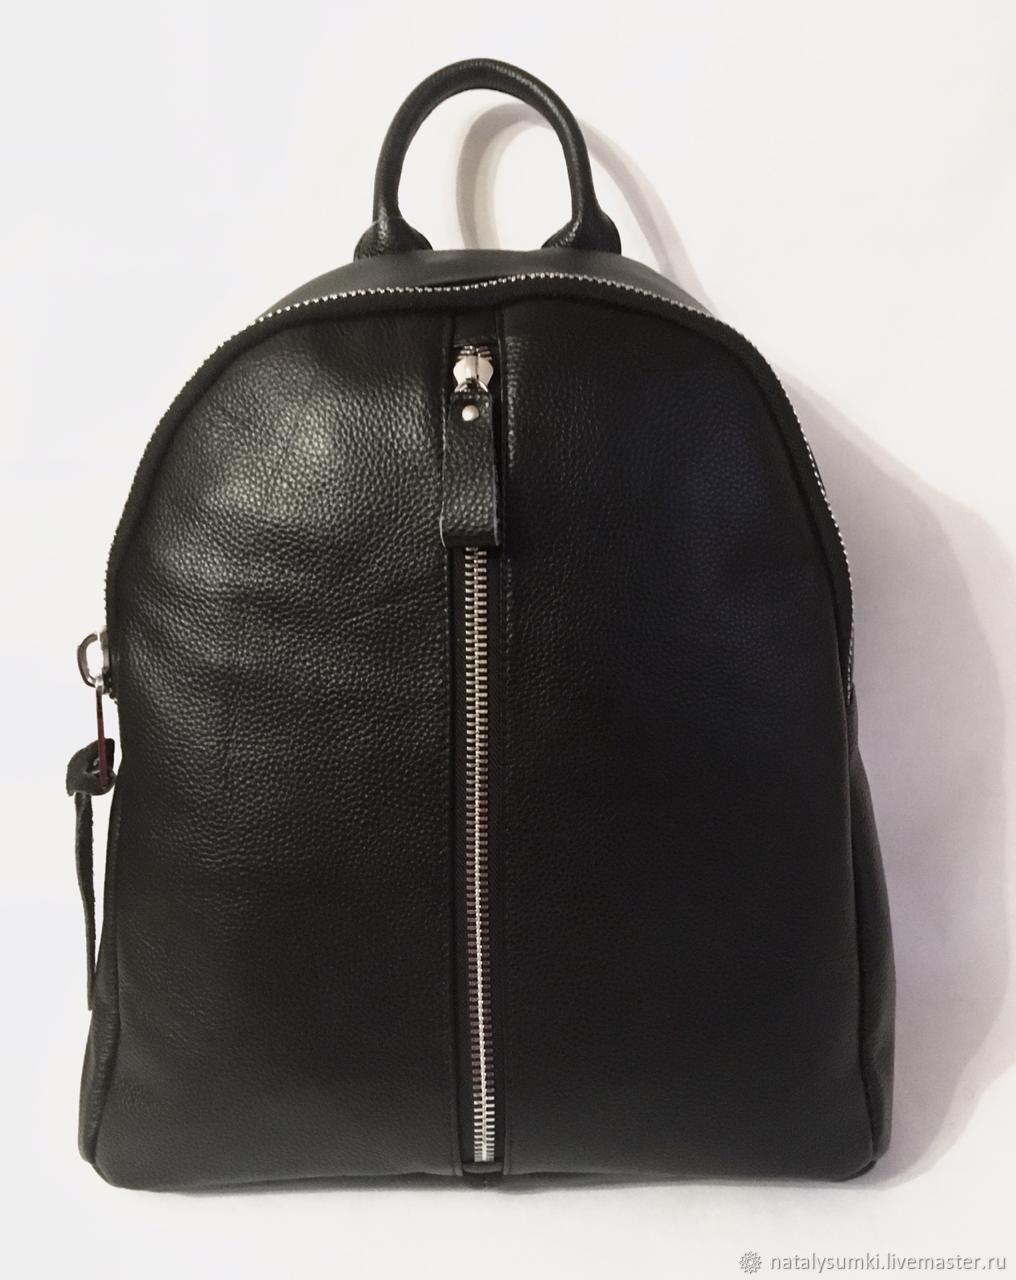 Кожаный рюкзак женский мягкая натуральная кожа, Рюкзаки, Москва,  Фото №1